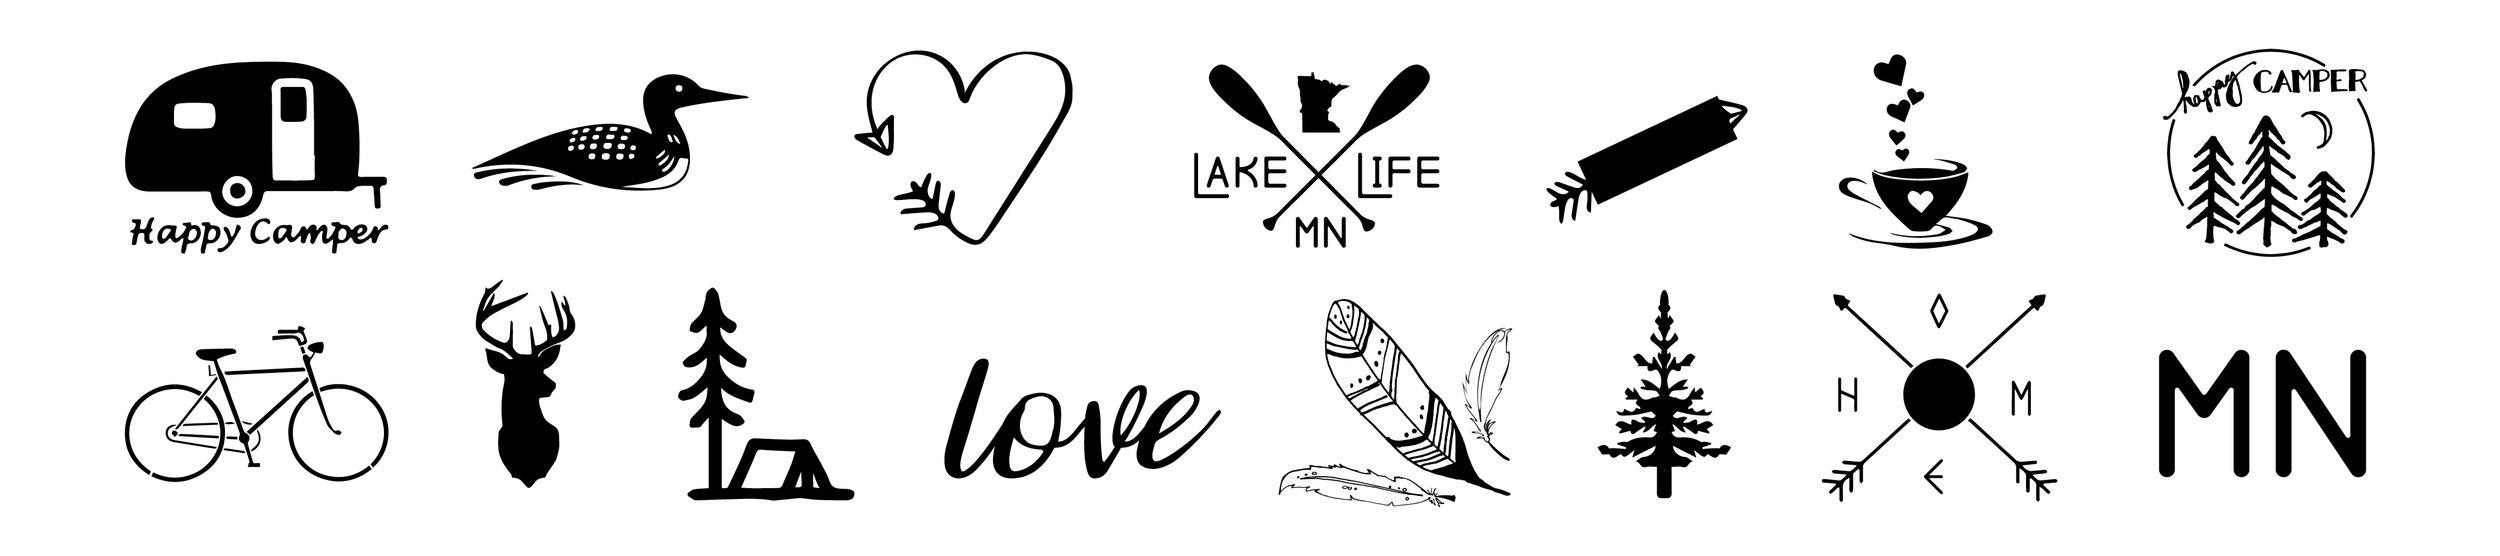 brewery stencils - website-01.jpg